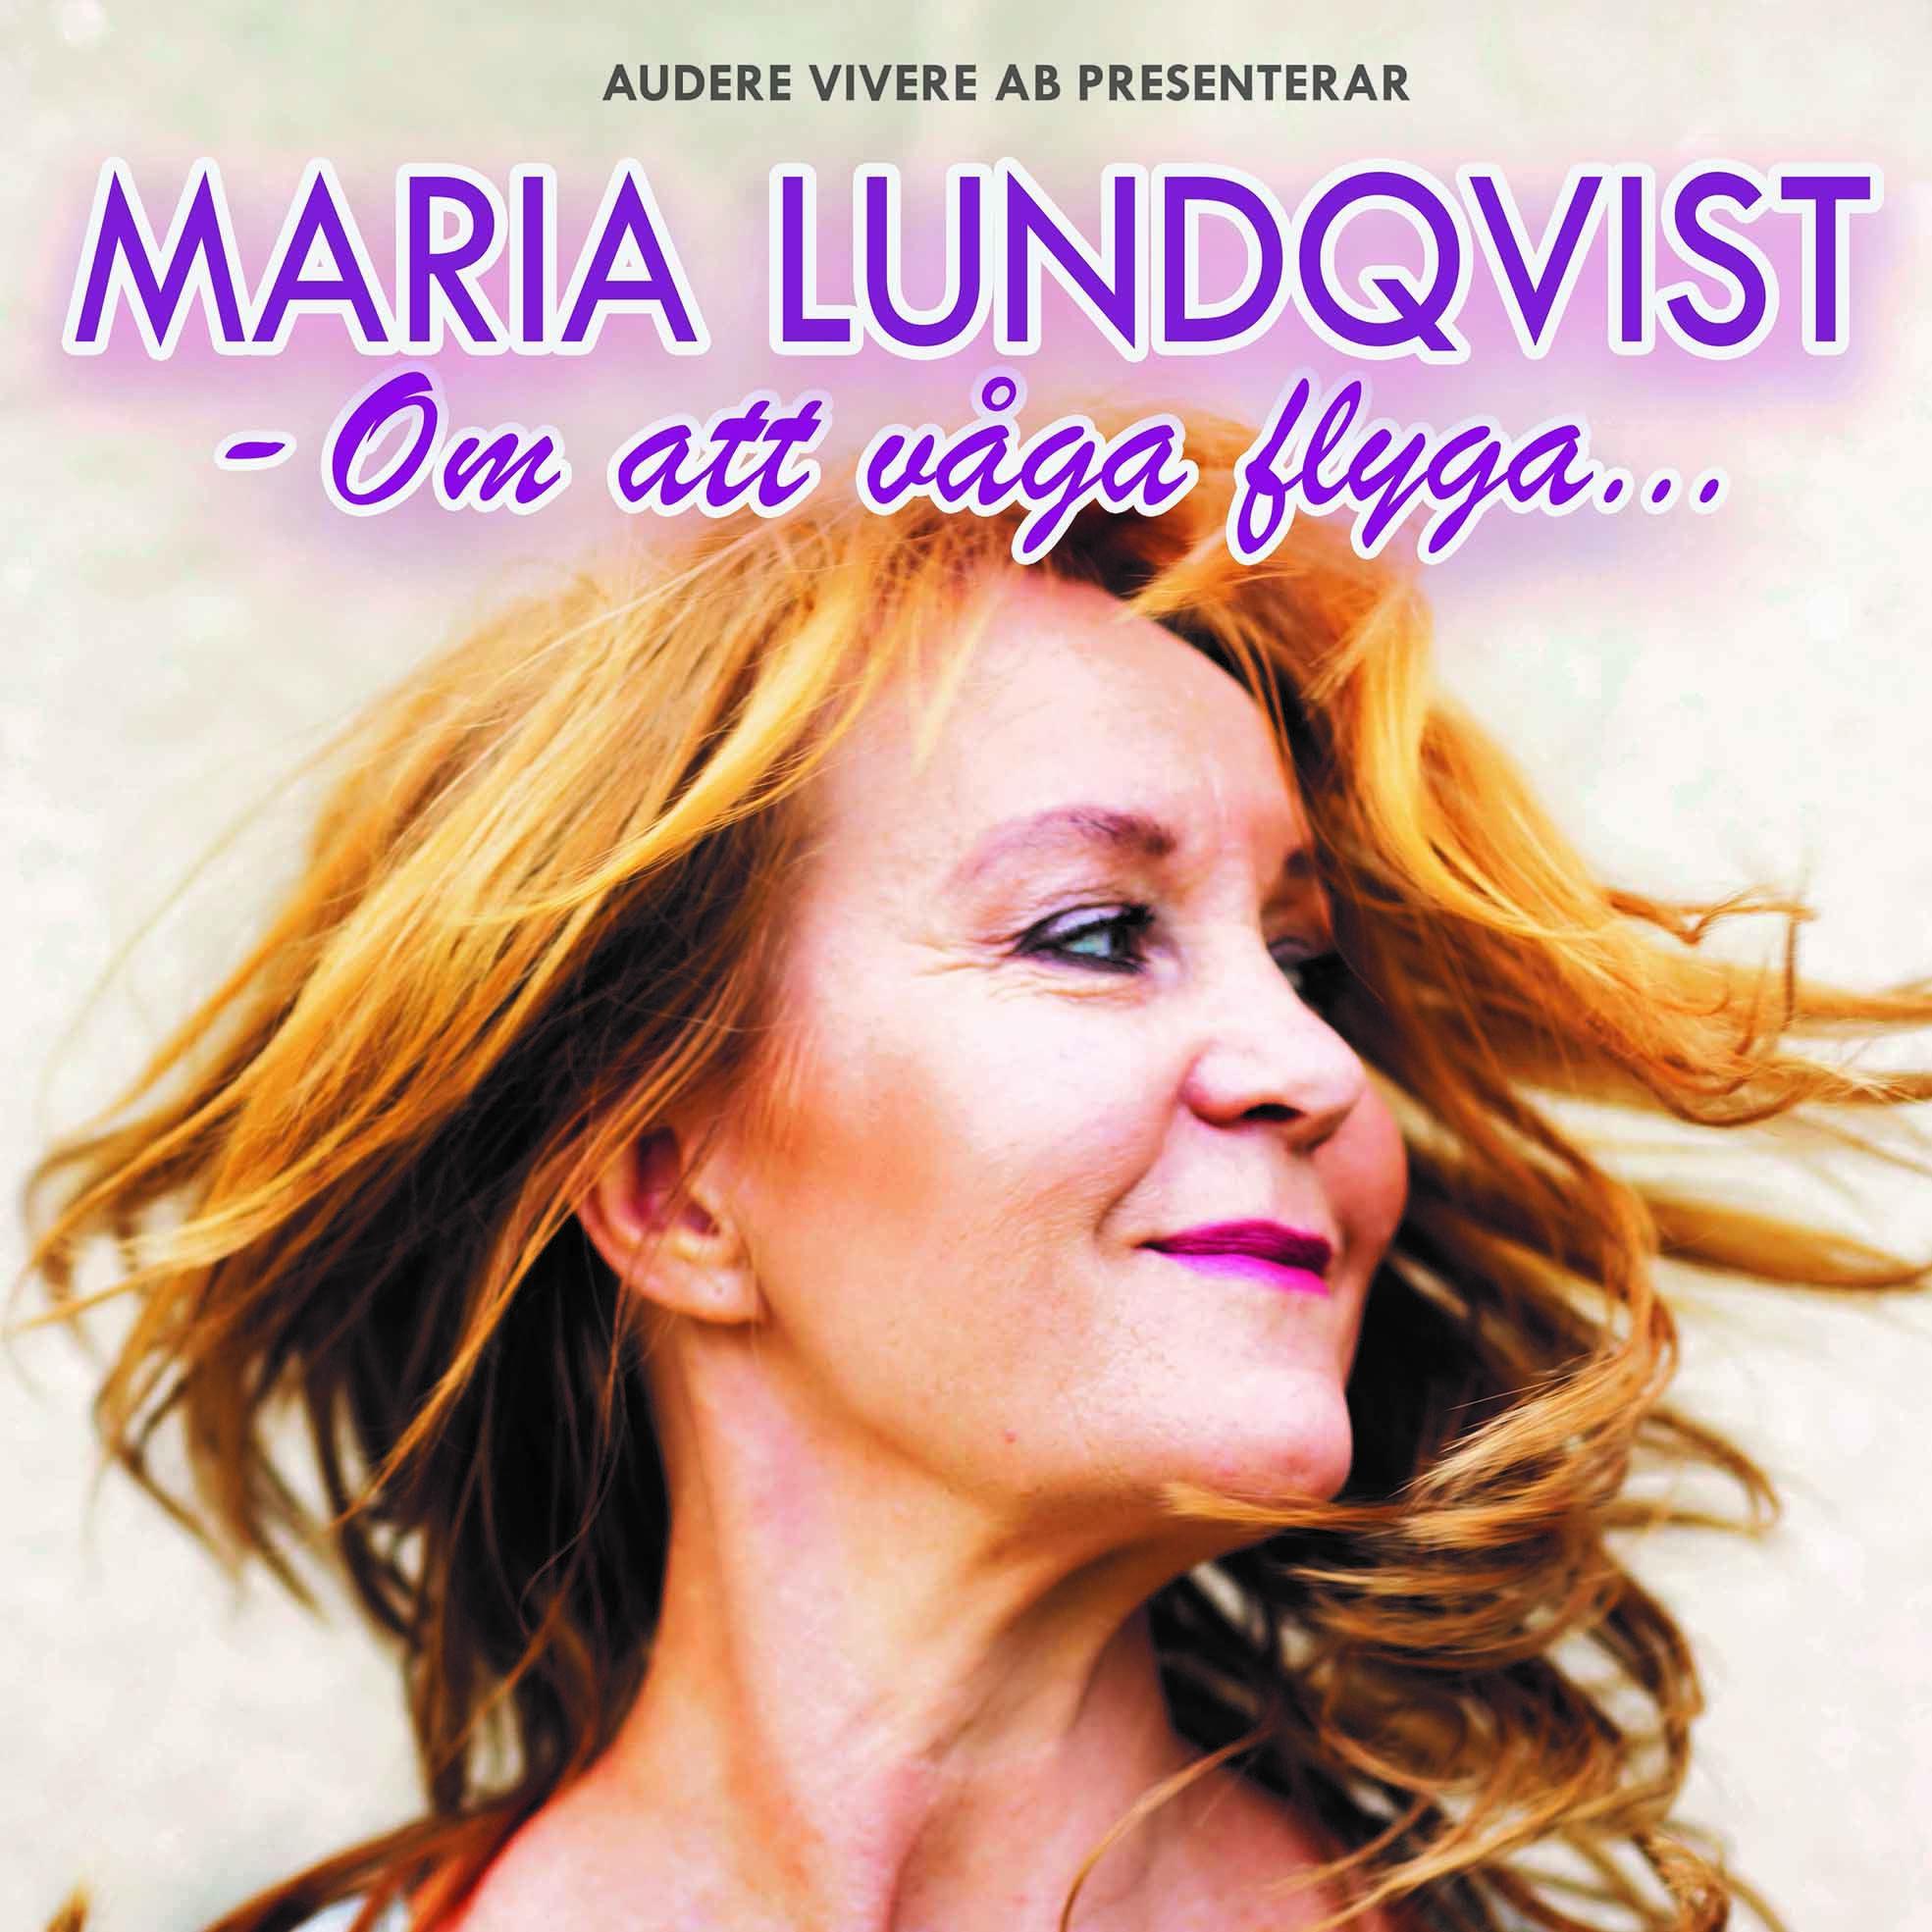 Om att våga flyga - Maria Lundqvist